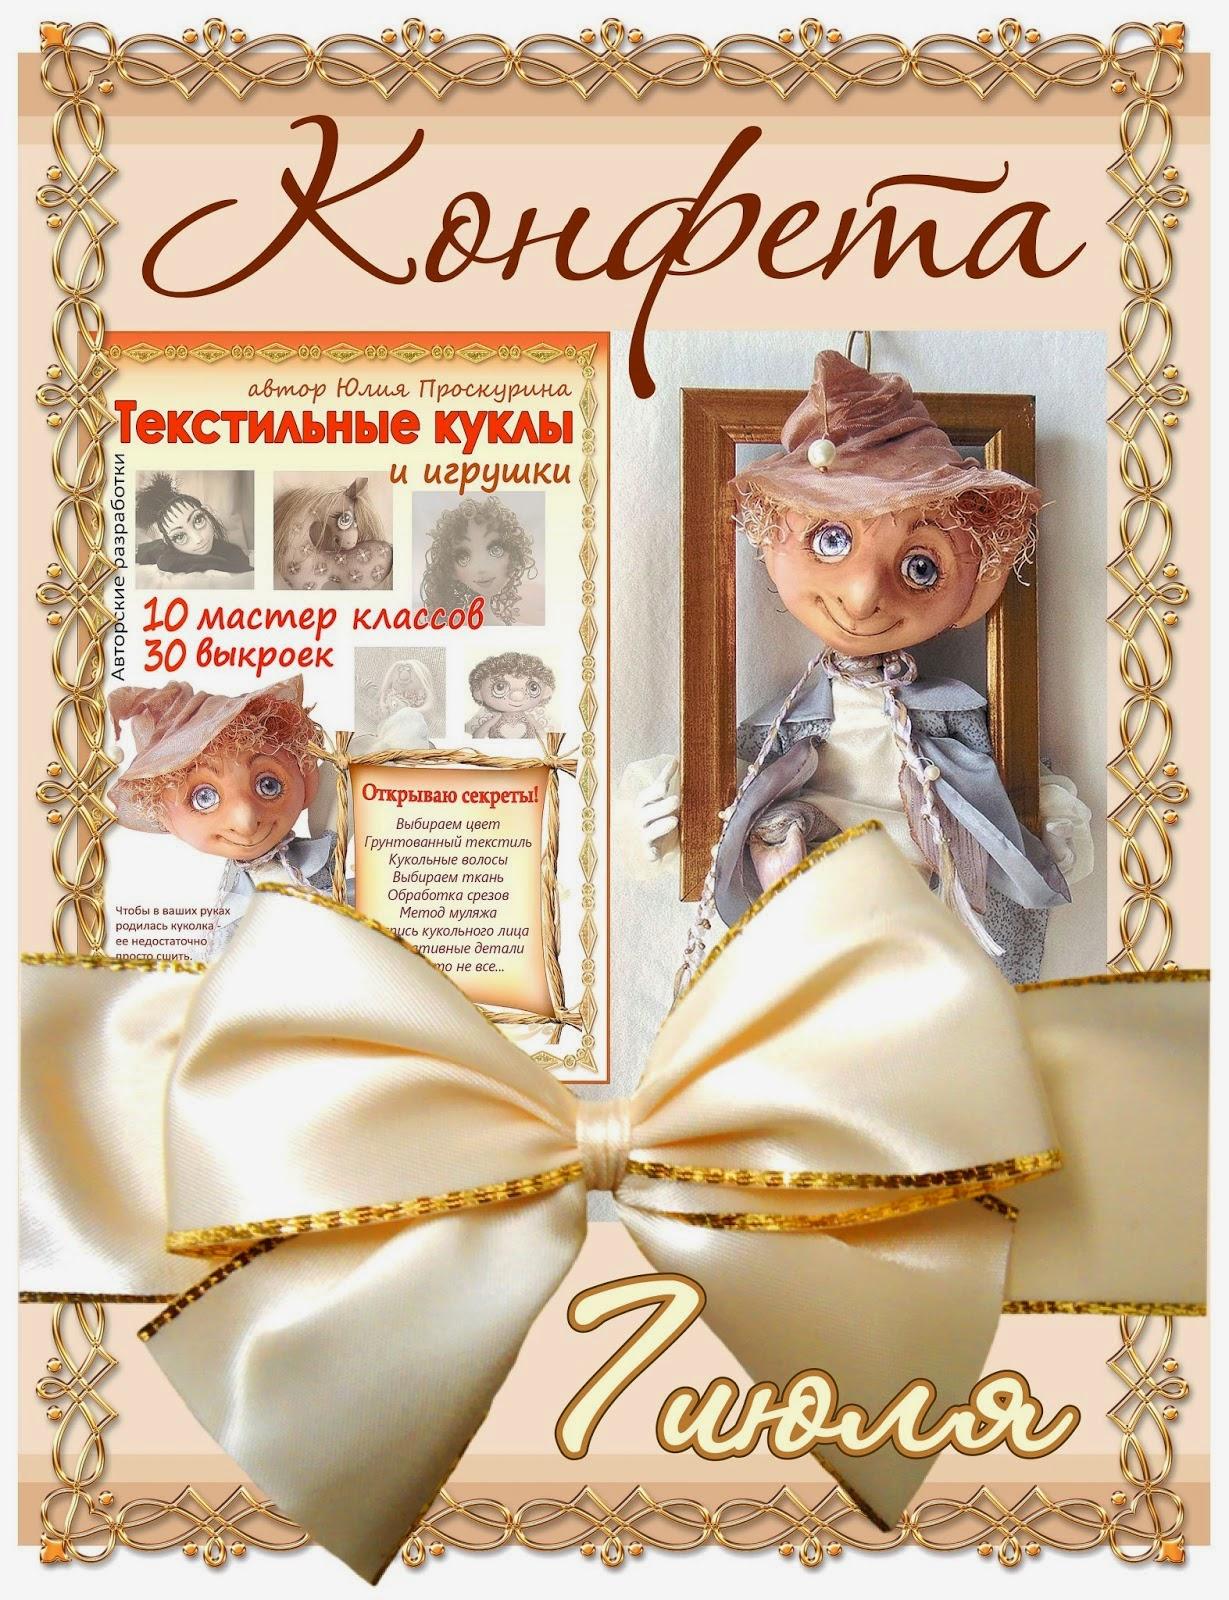 Конфетка от Юлии Проскуриной